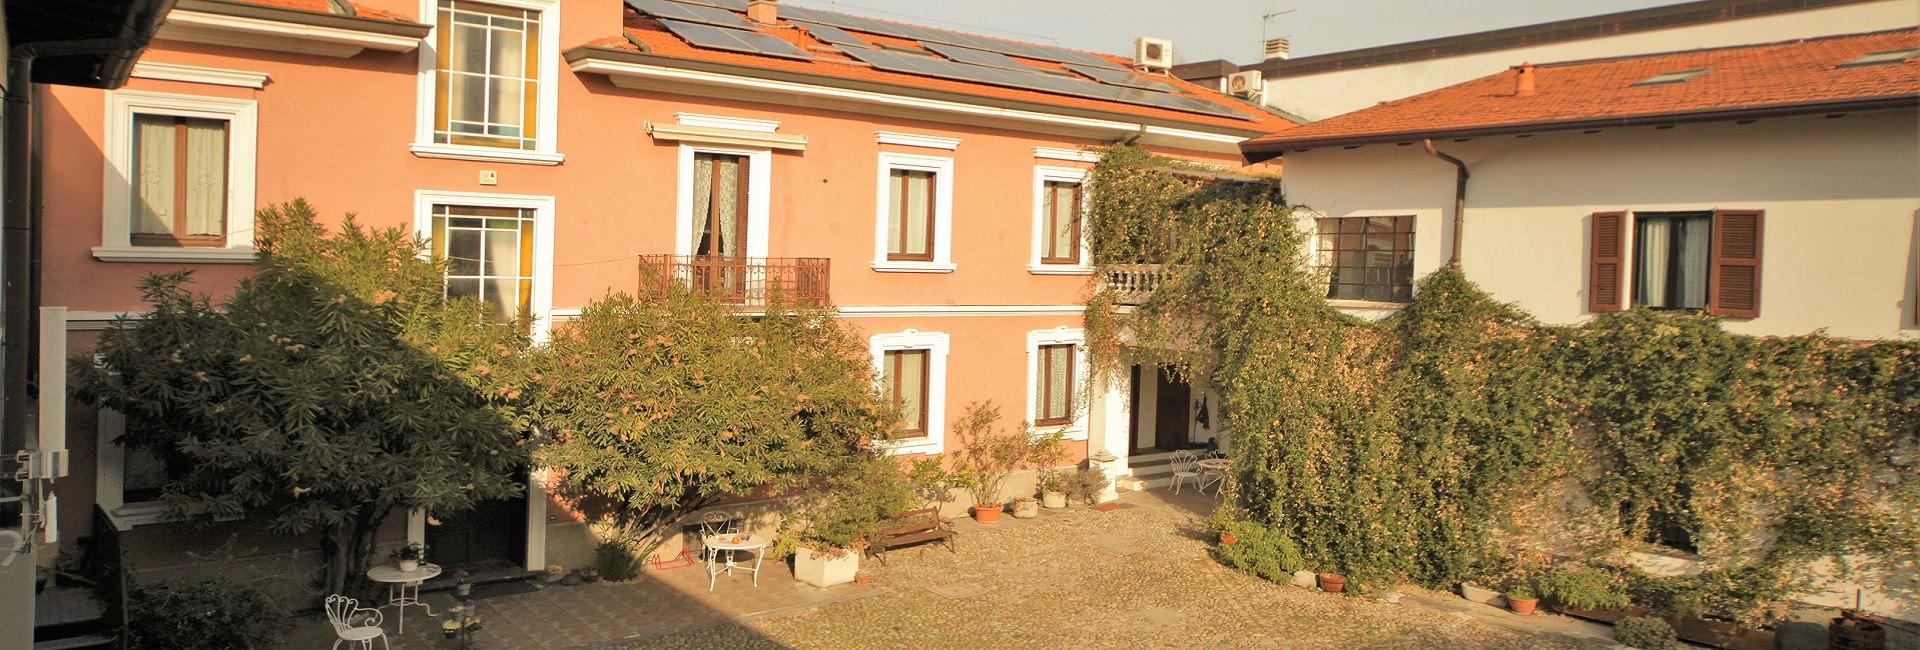 slider: facciata Antica Corte Milanese